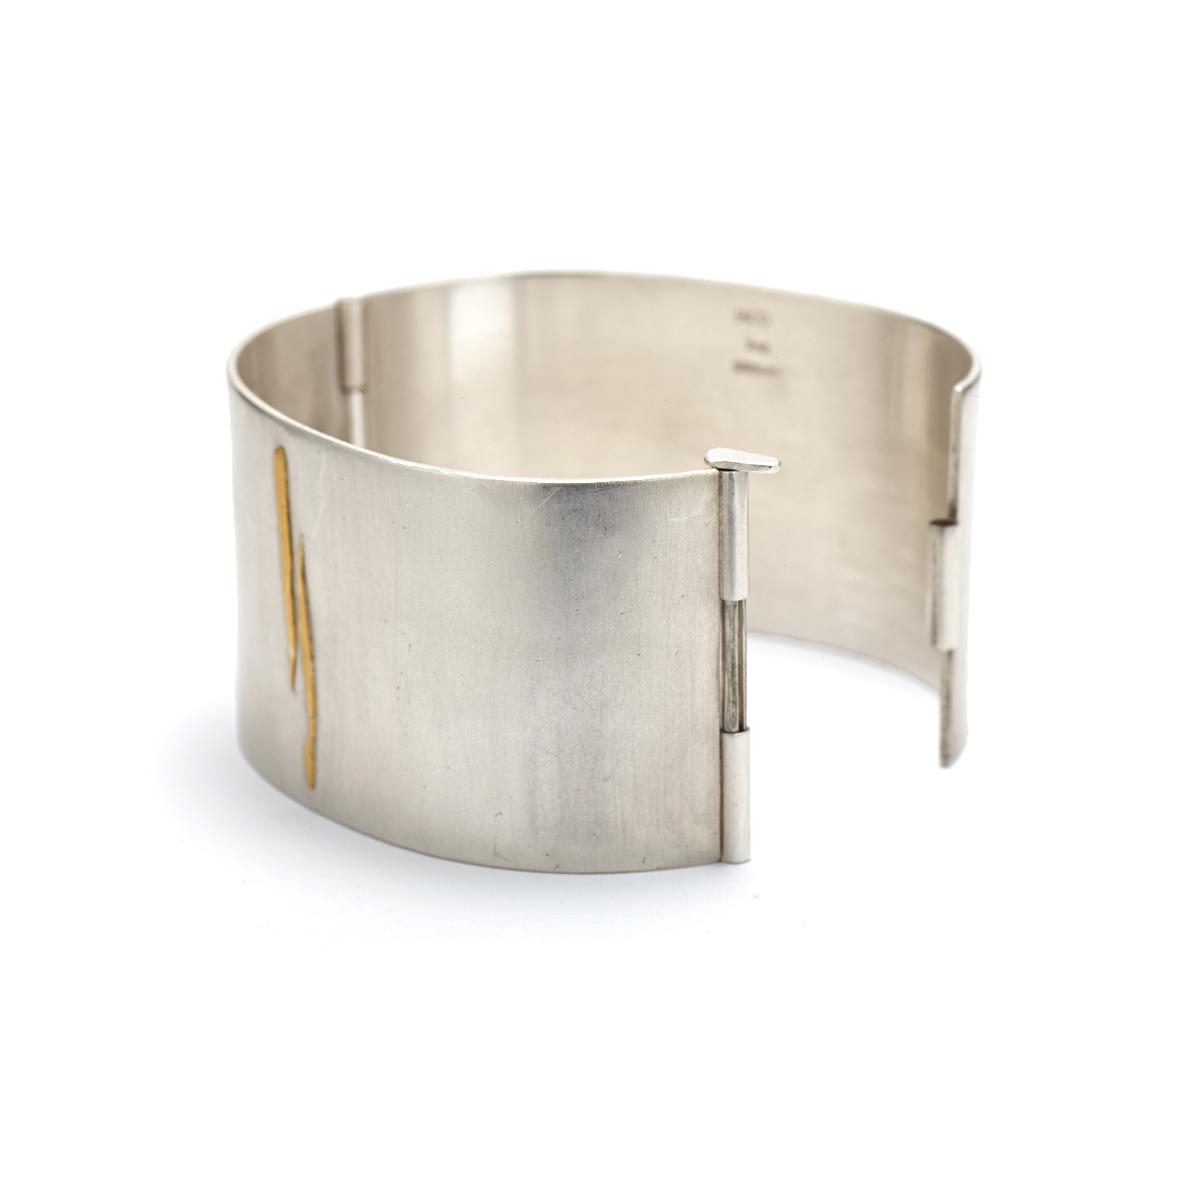 hinge-bracelet-open.jpg